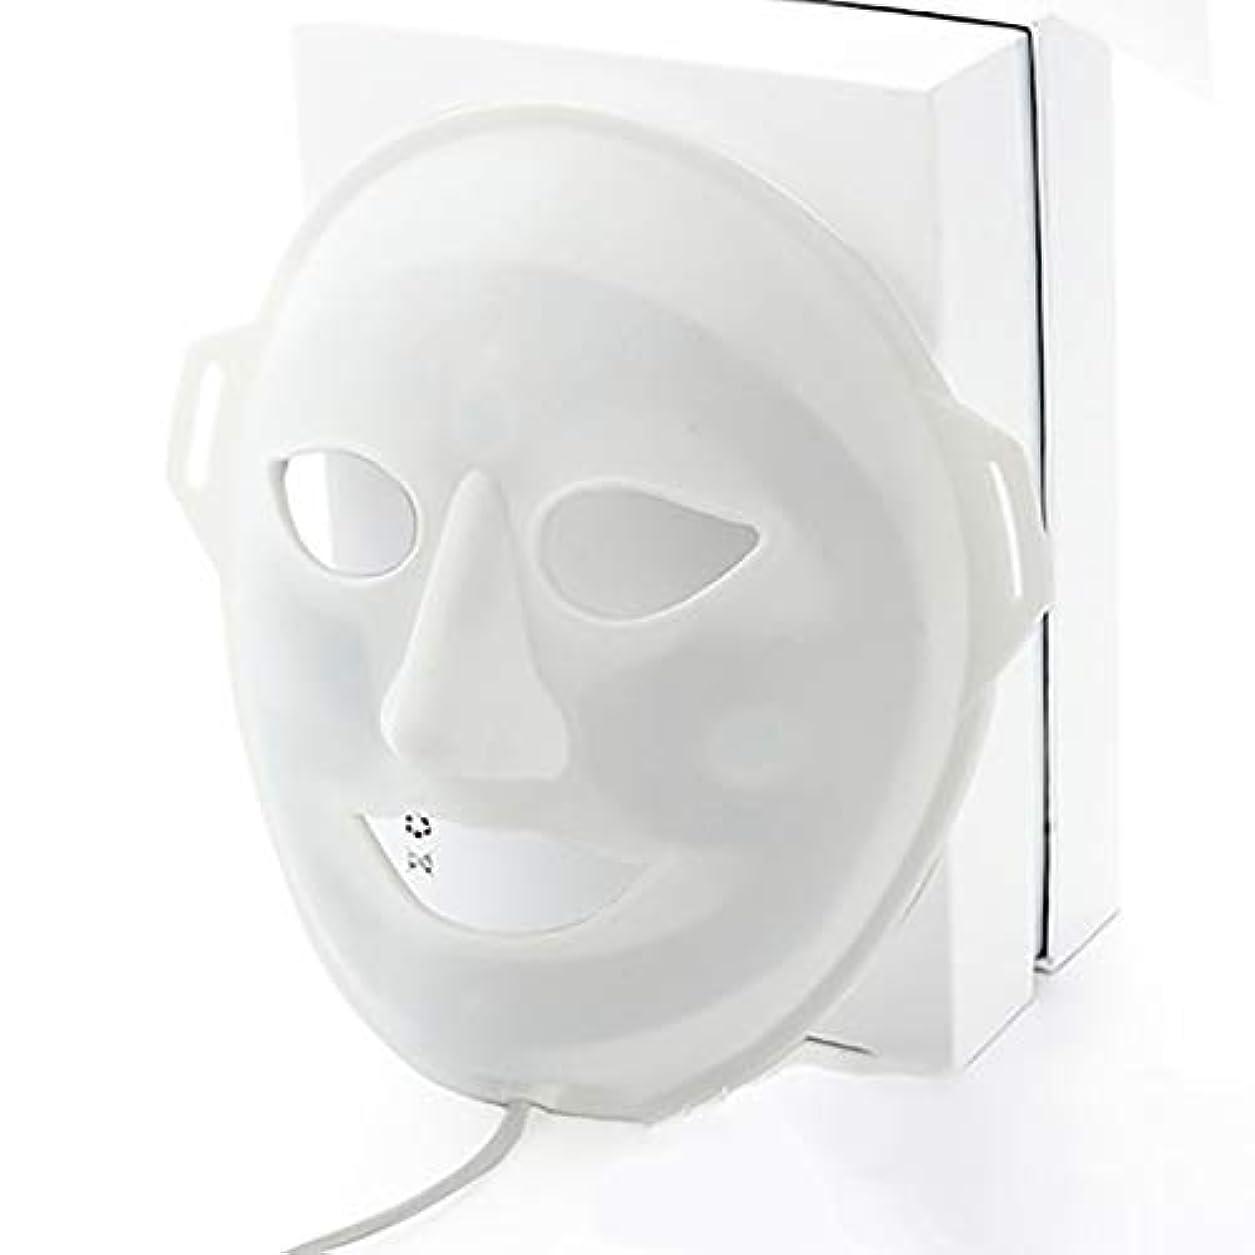 ランクする必要がある対抗LED光子美容マスク、抗にきびしわ除去療法、保湿輝く顔色ホワイトニングマスク